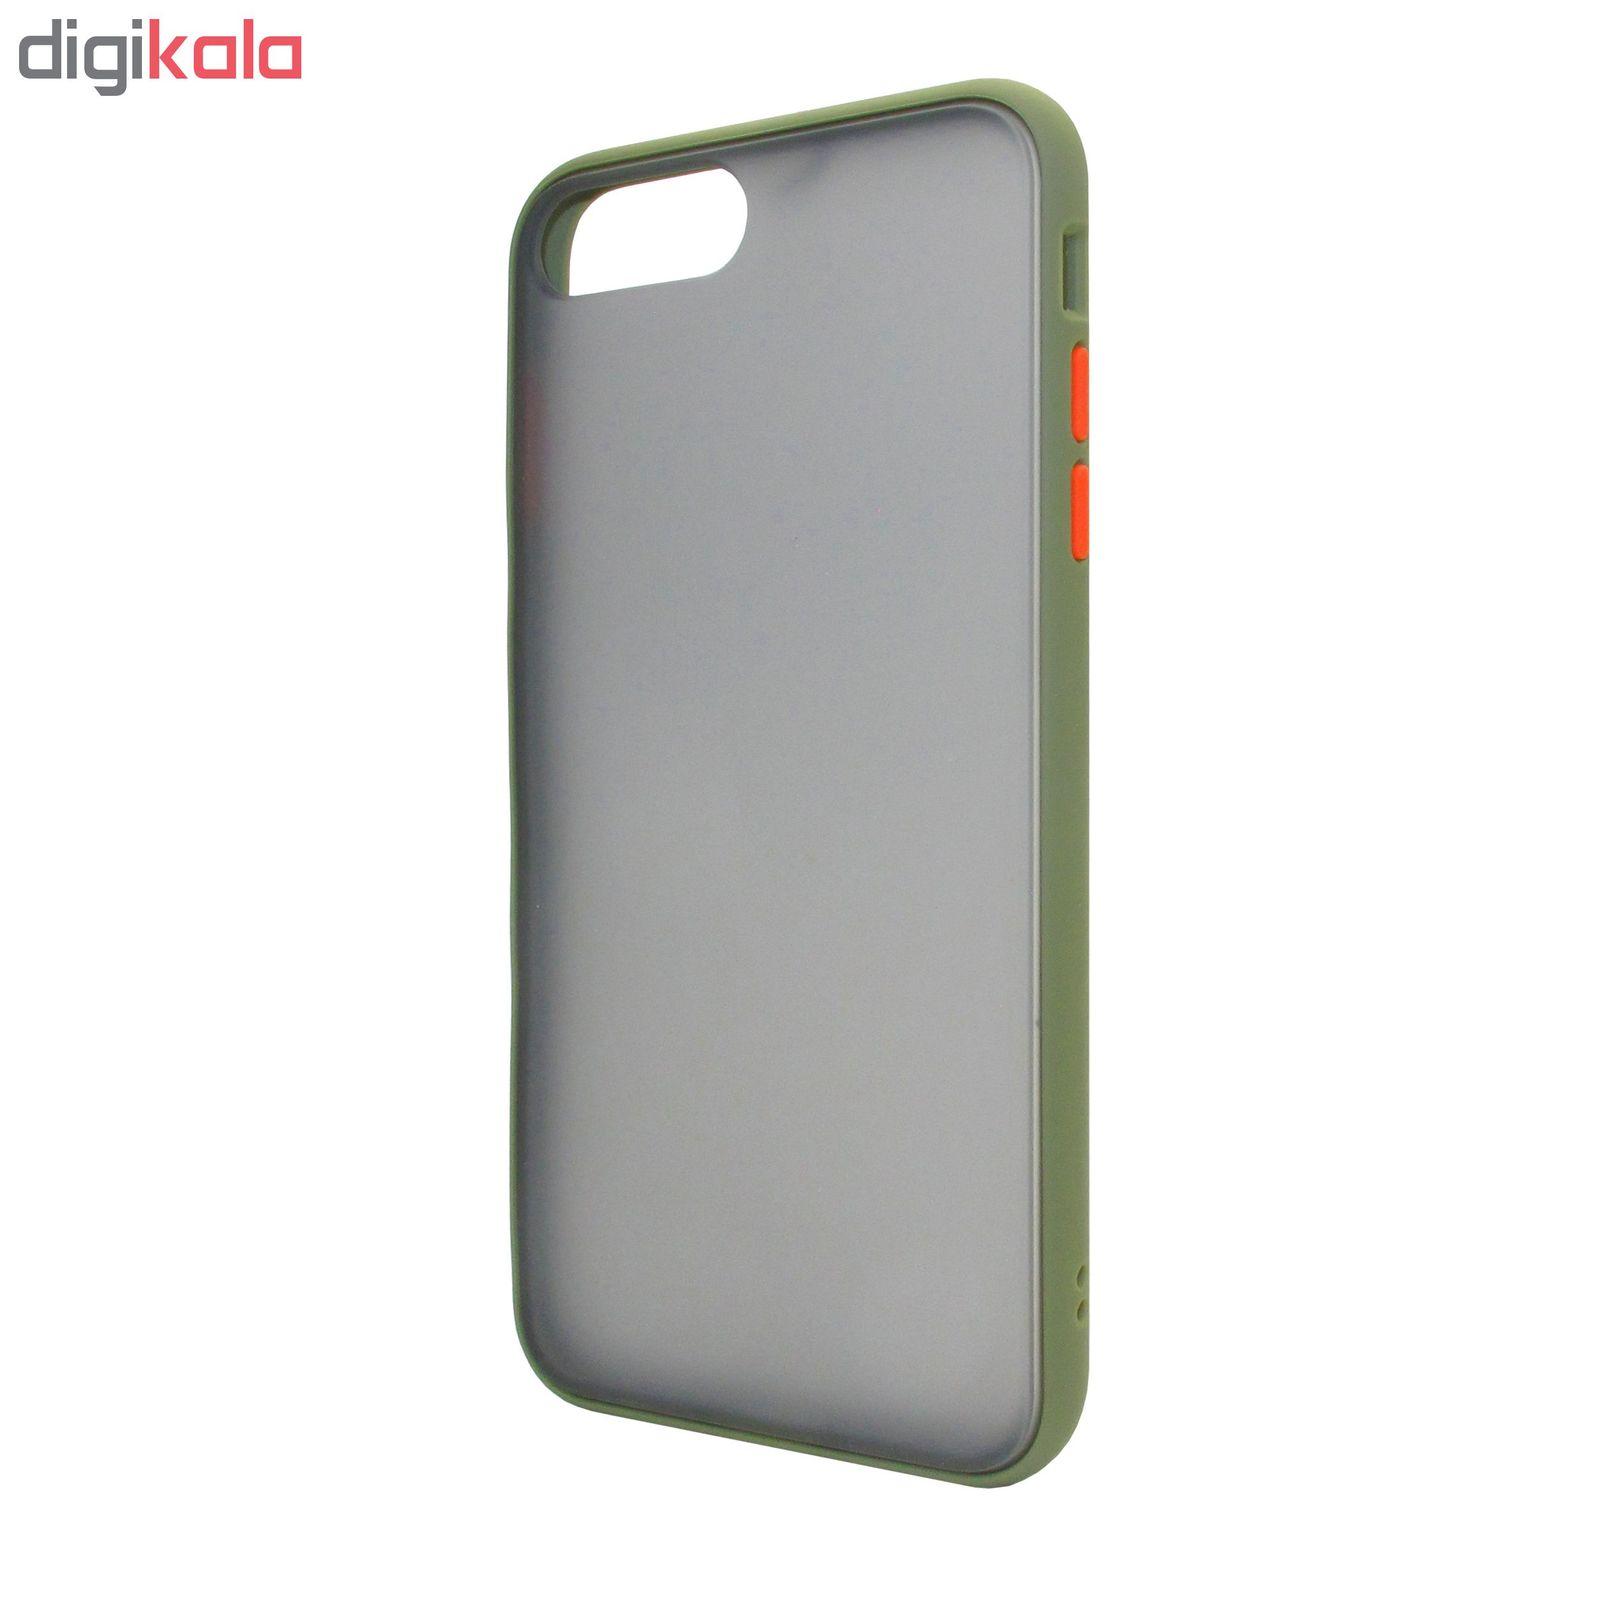 کاور مدل GS-MC مناسب برای گوشی موبایل اپل Iphone 7Plus/8 plus main 1 3